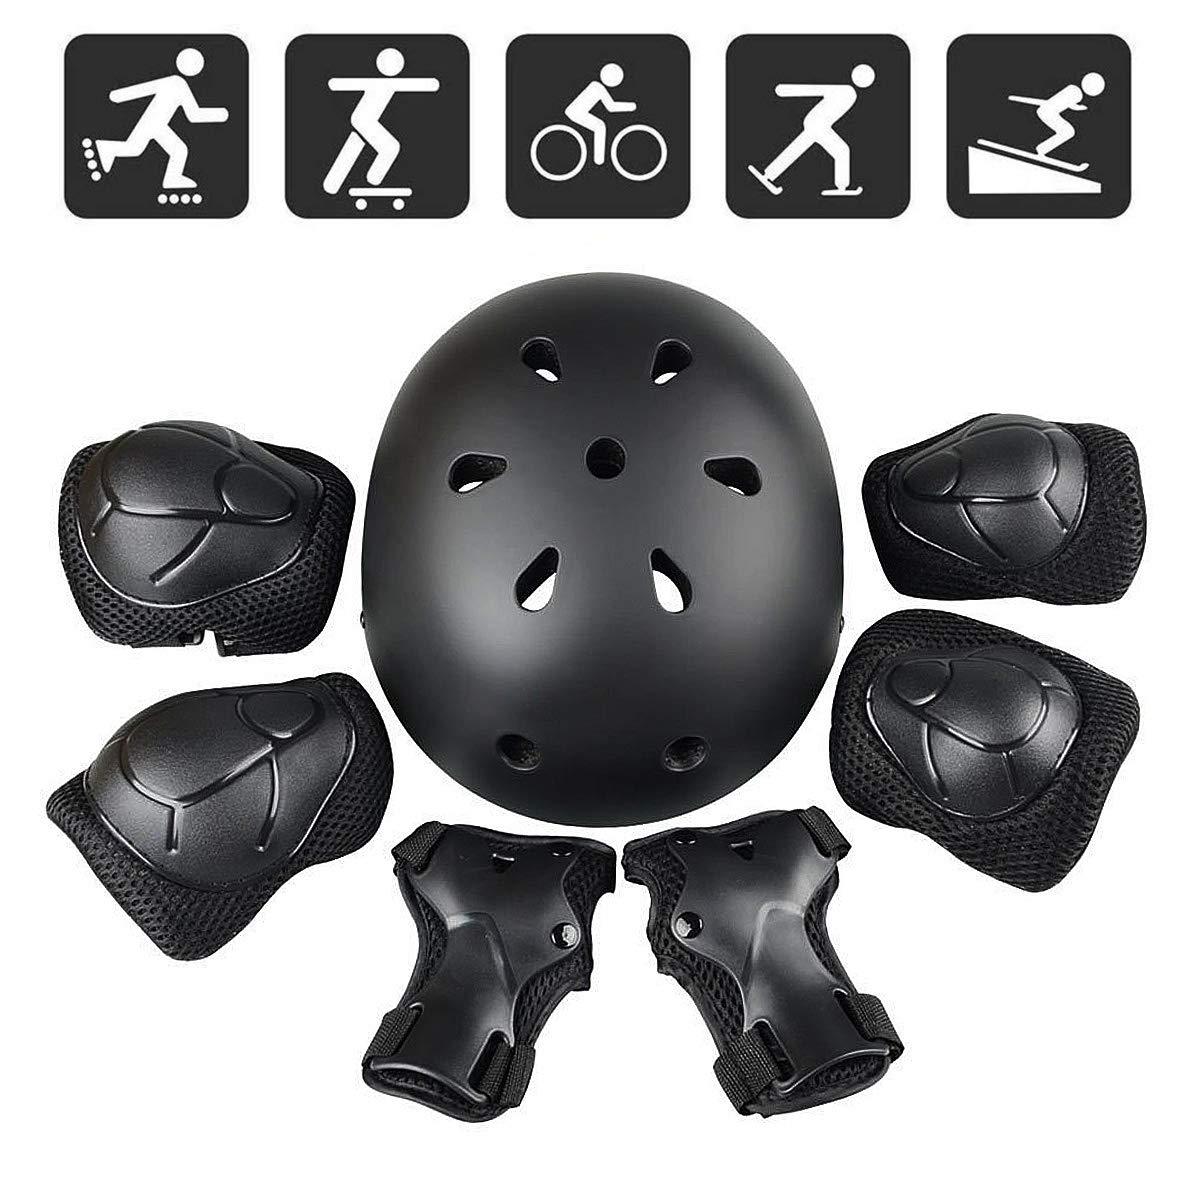 Hoverboard Bicicletta Nero Ginocchiere EMORE Set di Casco Protezione Bambini Skateboard 7 in 1 Set di Casco gomitiere e Protezione Polso per Bambini per Pattini a Rotella,BMX